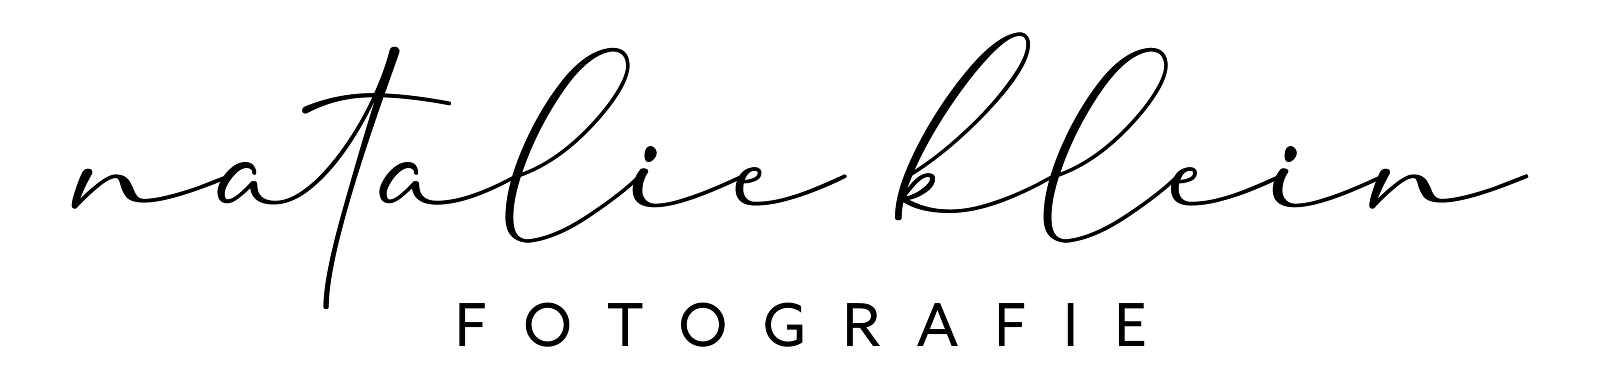 Logo von Natalie Klein - deine Fotografin für liebevolle und natürliche Babyfotografie, Babybauch Shootings, Familienfotografie und Kinderfotografie zwischen Ludwigsburg und Heilbronn